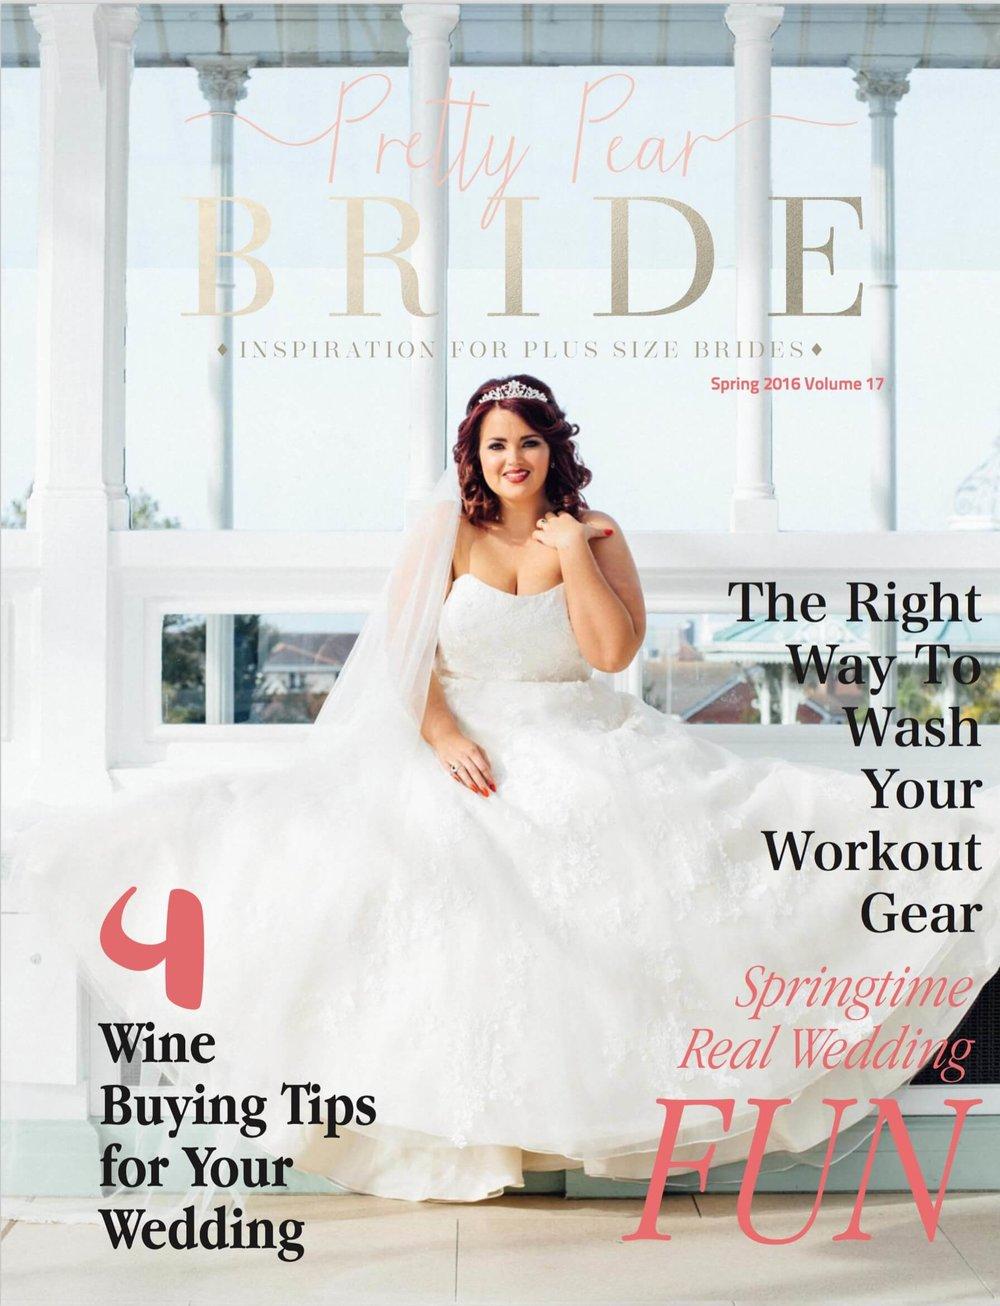 Isla Gladstone Conservatory Pretty Pear Bride Front Cover Stephen McGowan